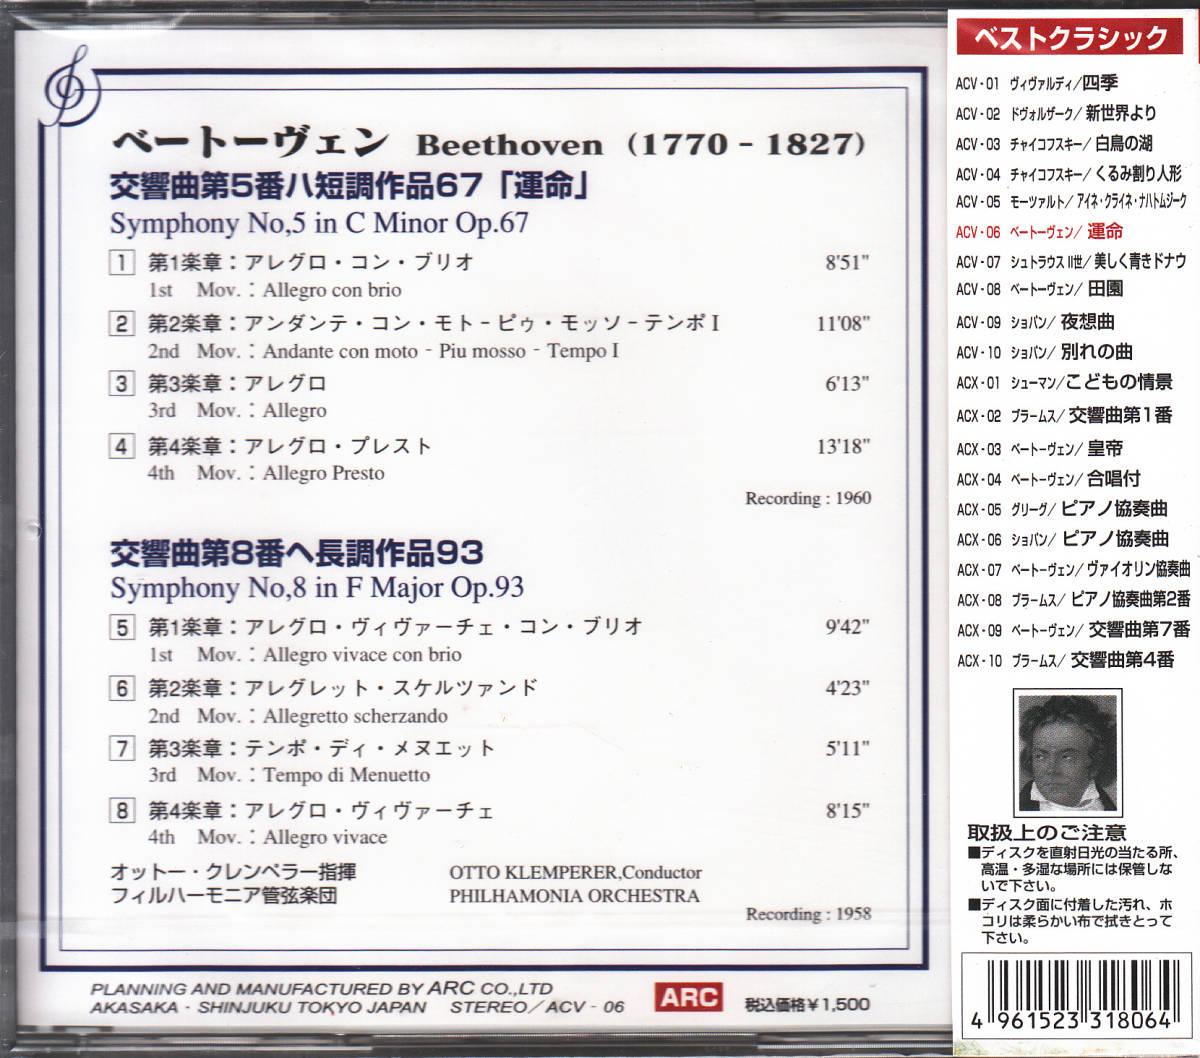 ◆新品・送料無料◆ベートーヴェン:交響曲第5番「運命」、第8番~クレンペラー、フィルハーモニア管弦楽団 ACV6_画像2